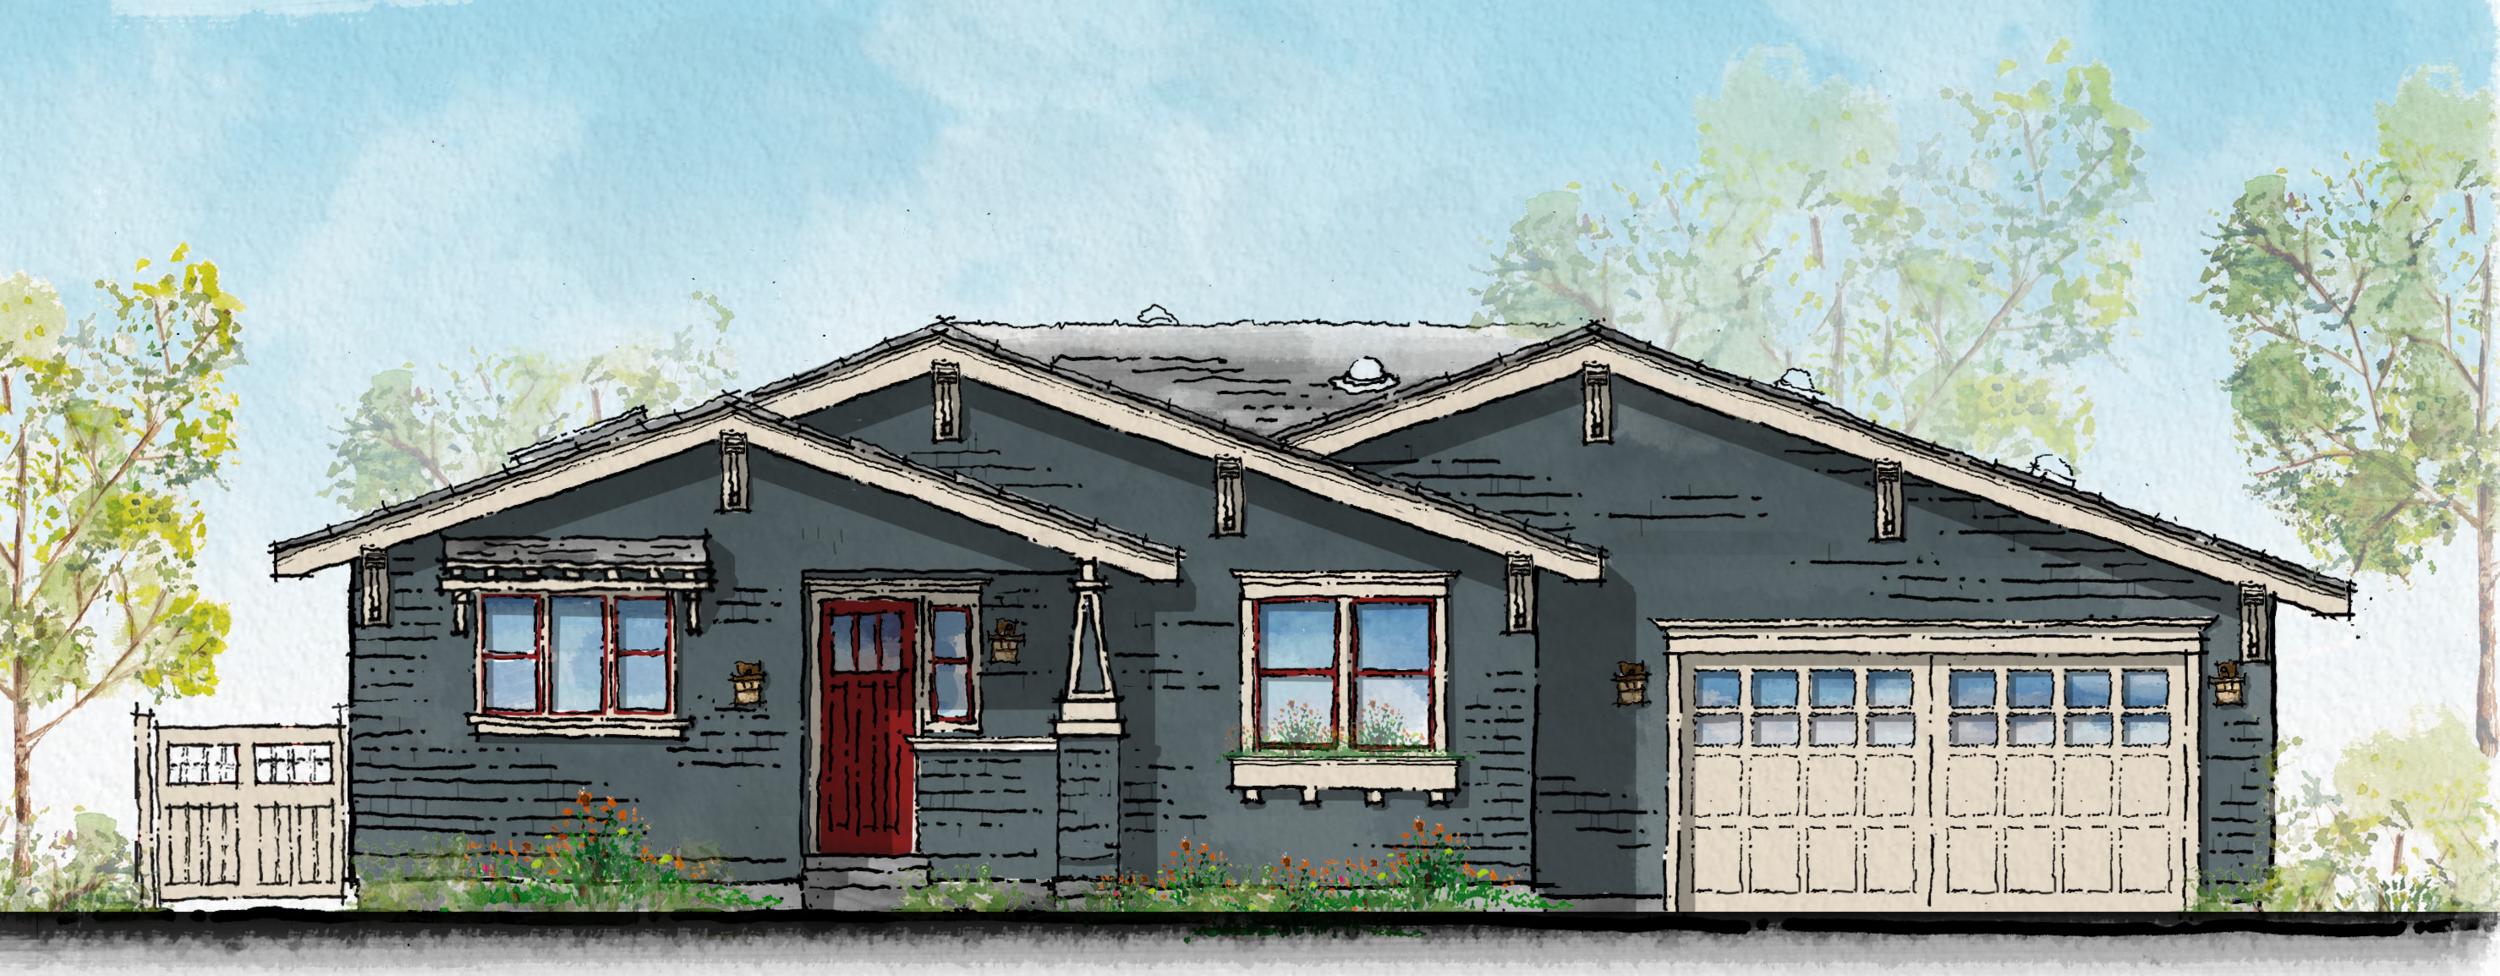 San Luis Obispo Craftsmen Home Front Elevation.png